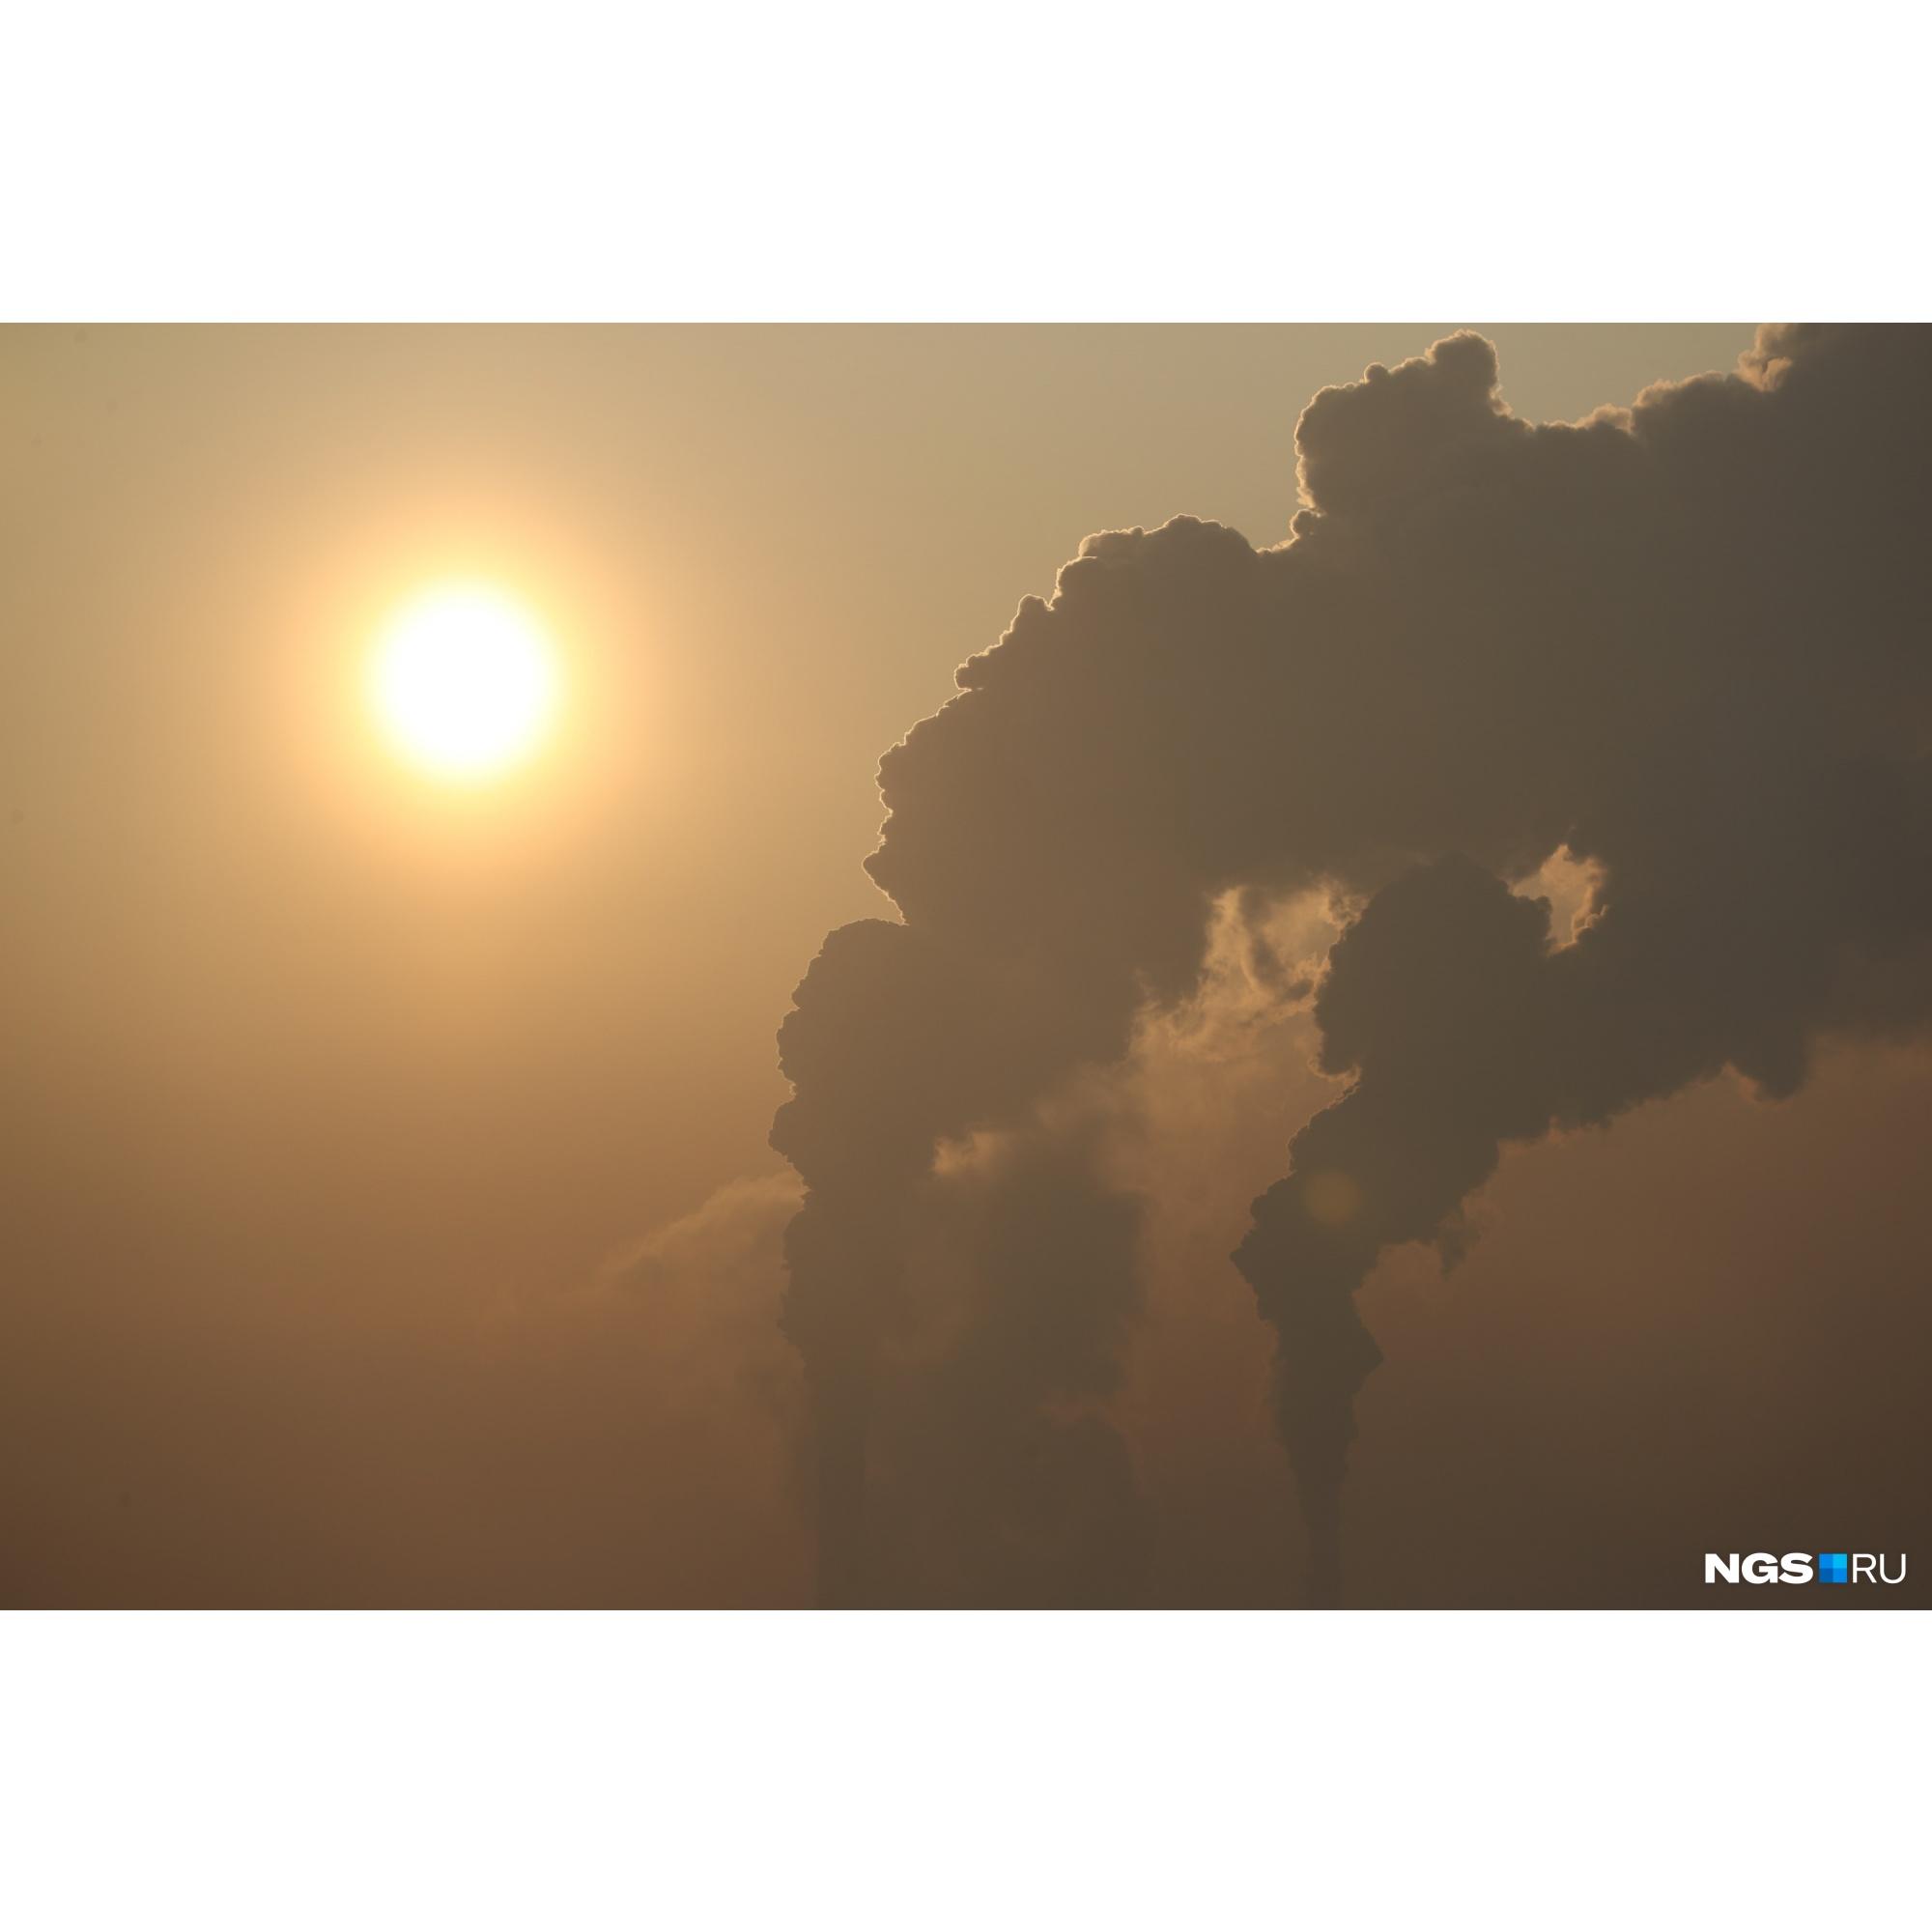 Из-за погоды и сближения с Землей Солнце выглядело больше